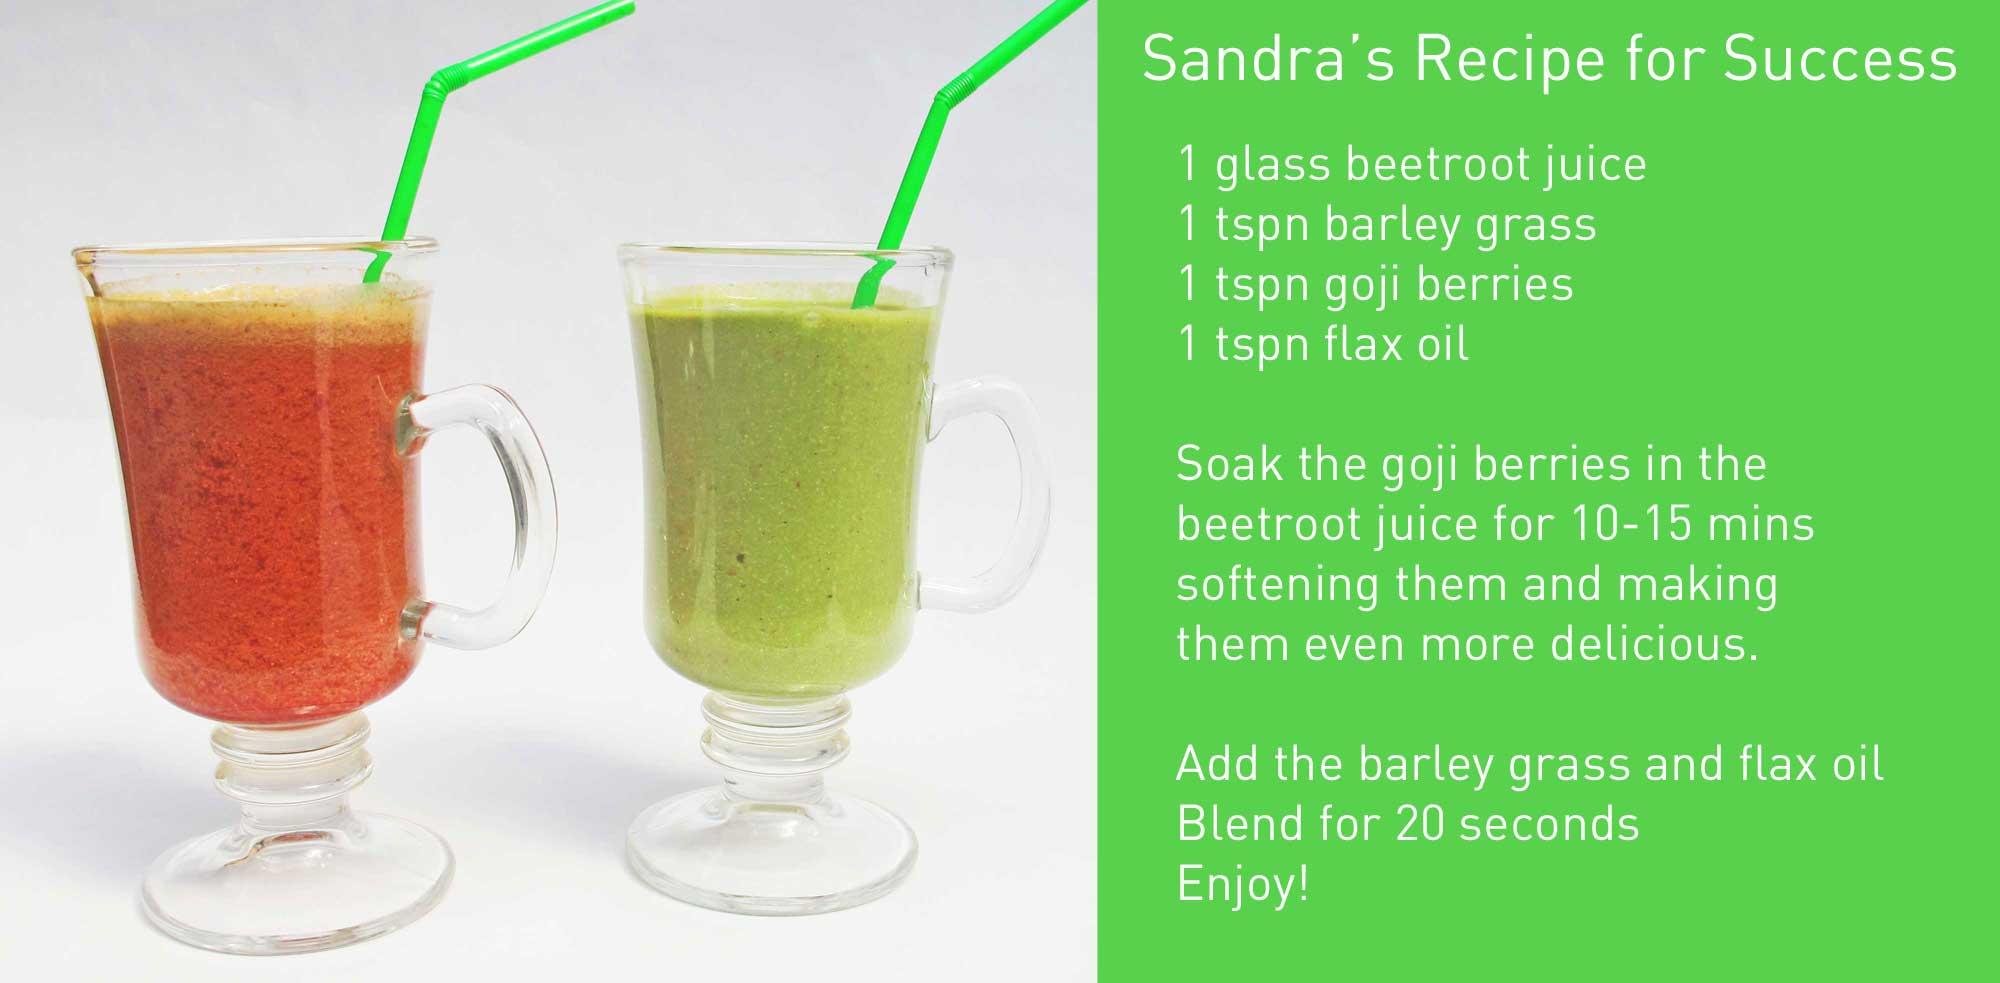 smoothie-recipie-edited-for-newsletter1.jpg